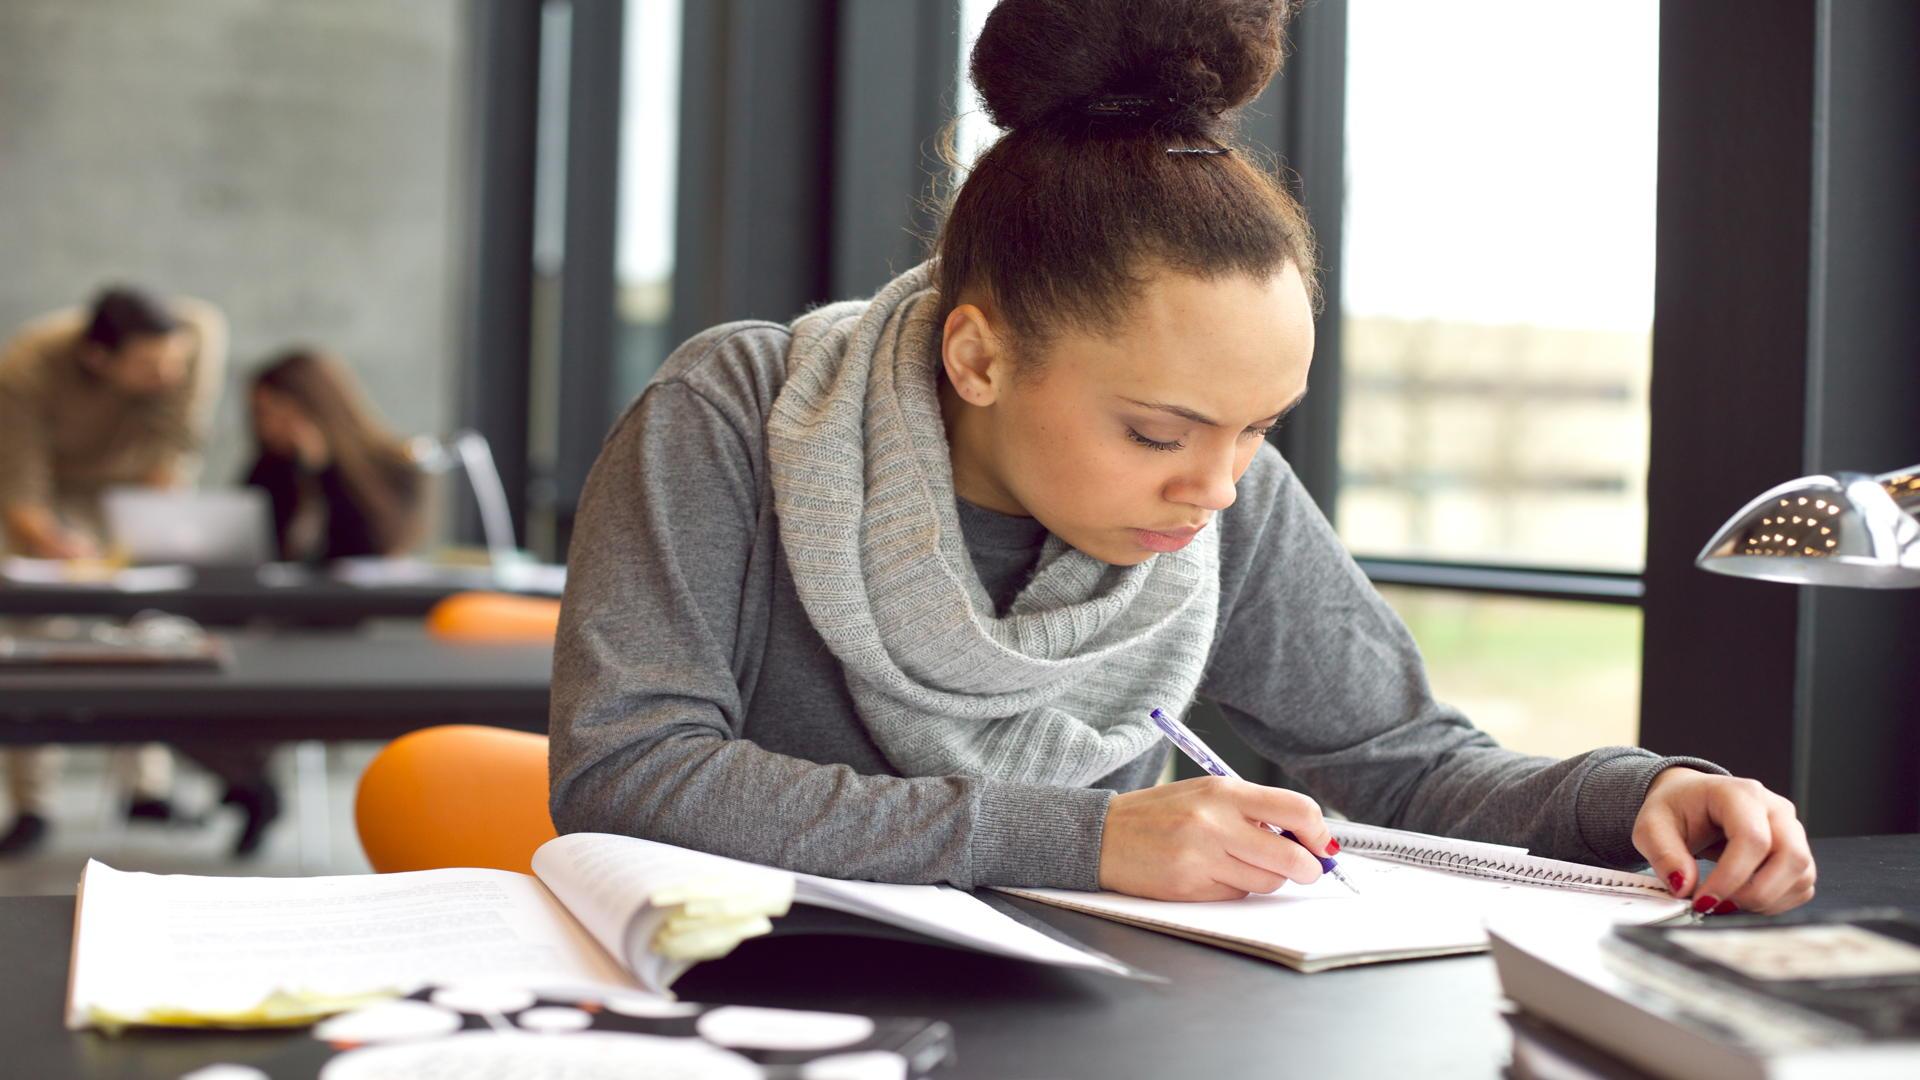 כתיבת סמינריון – איך מתחילים ואיך מסיימים?